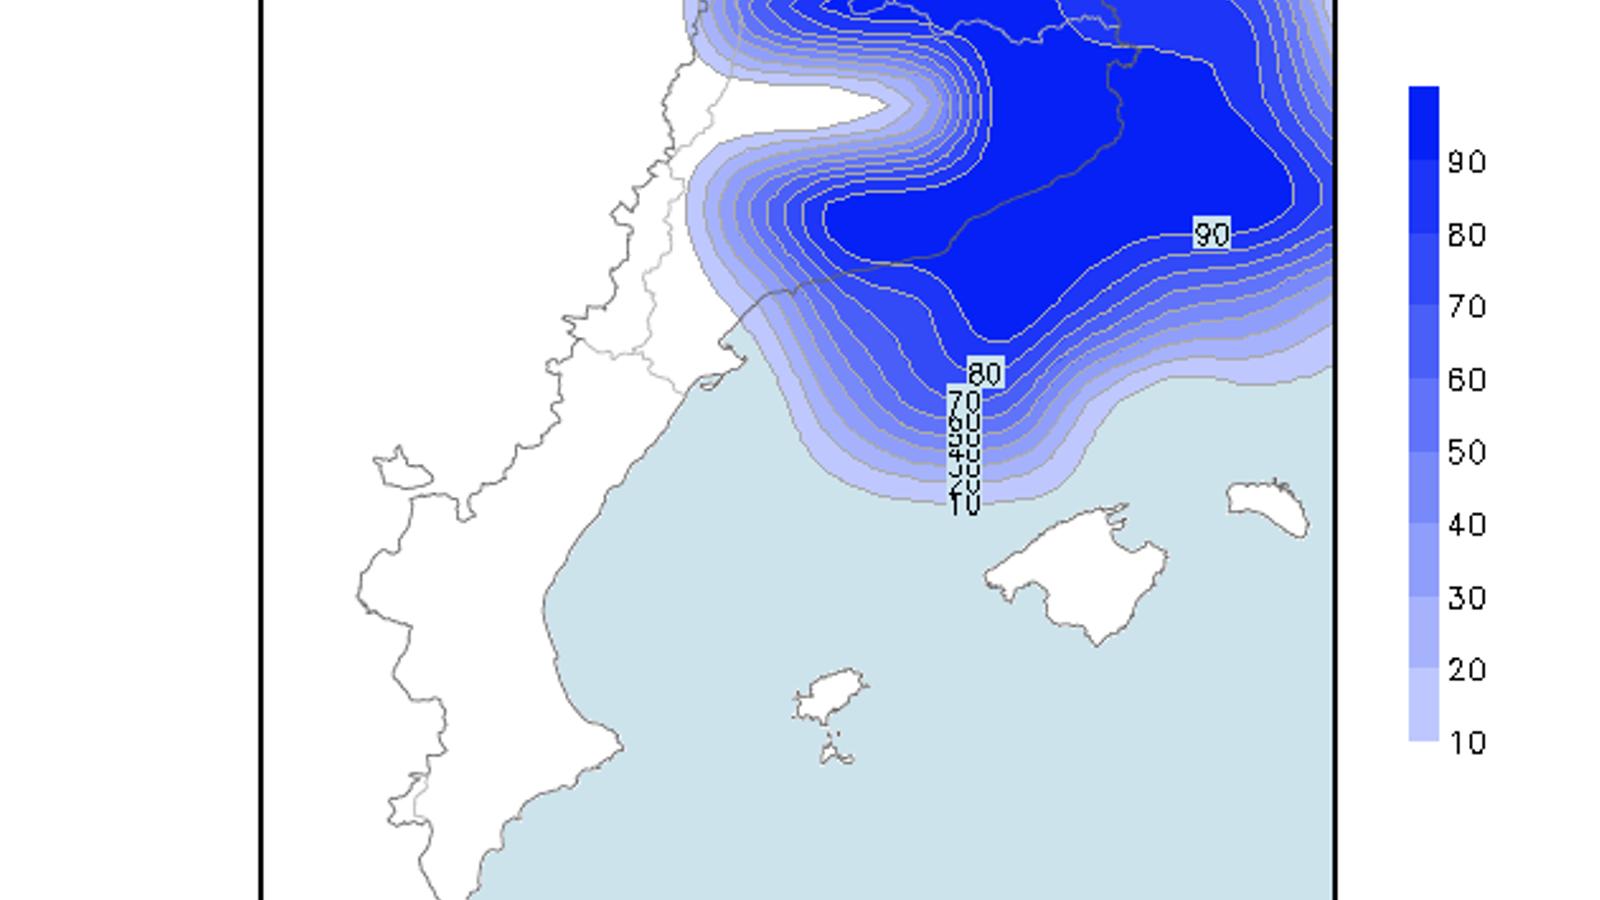 Probabilitat de que es superin els 20 litres/m2 durant dissabte / Model GFS 0.25 / ARA méteo